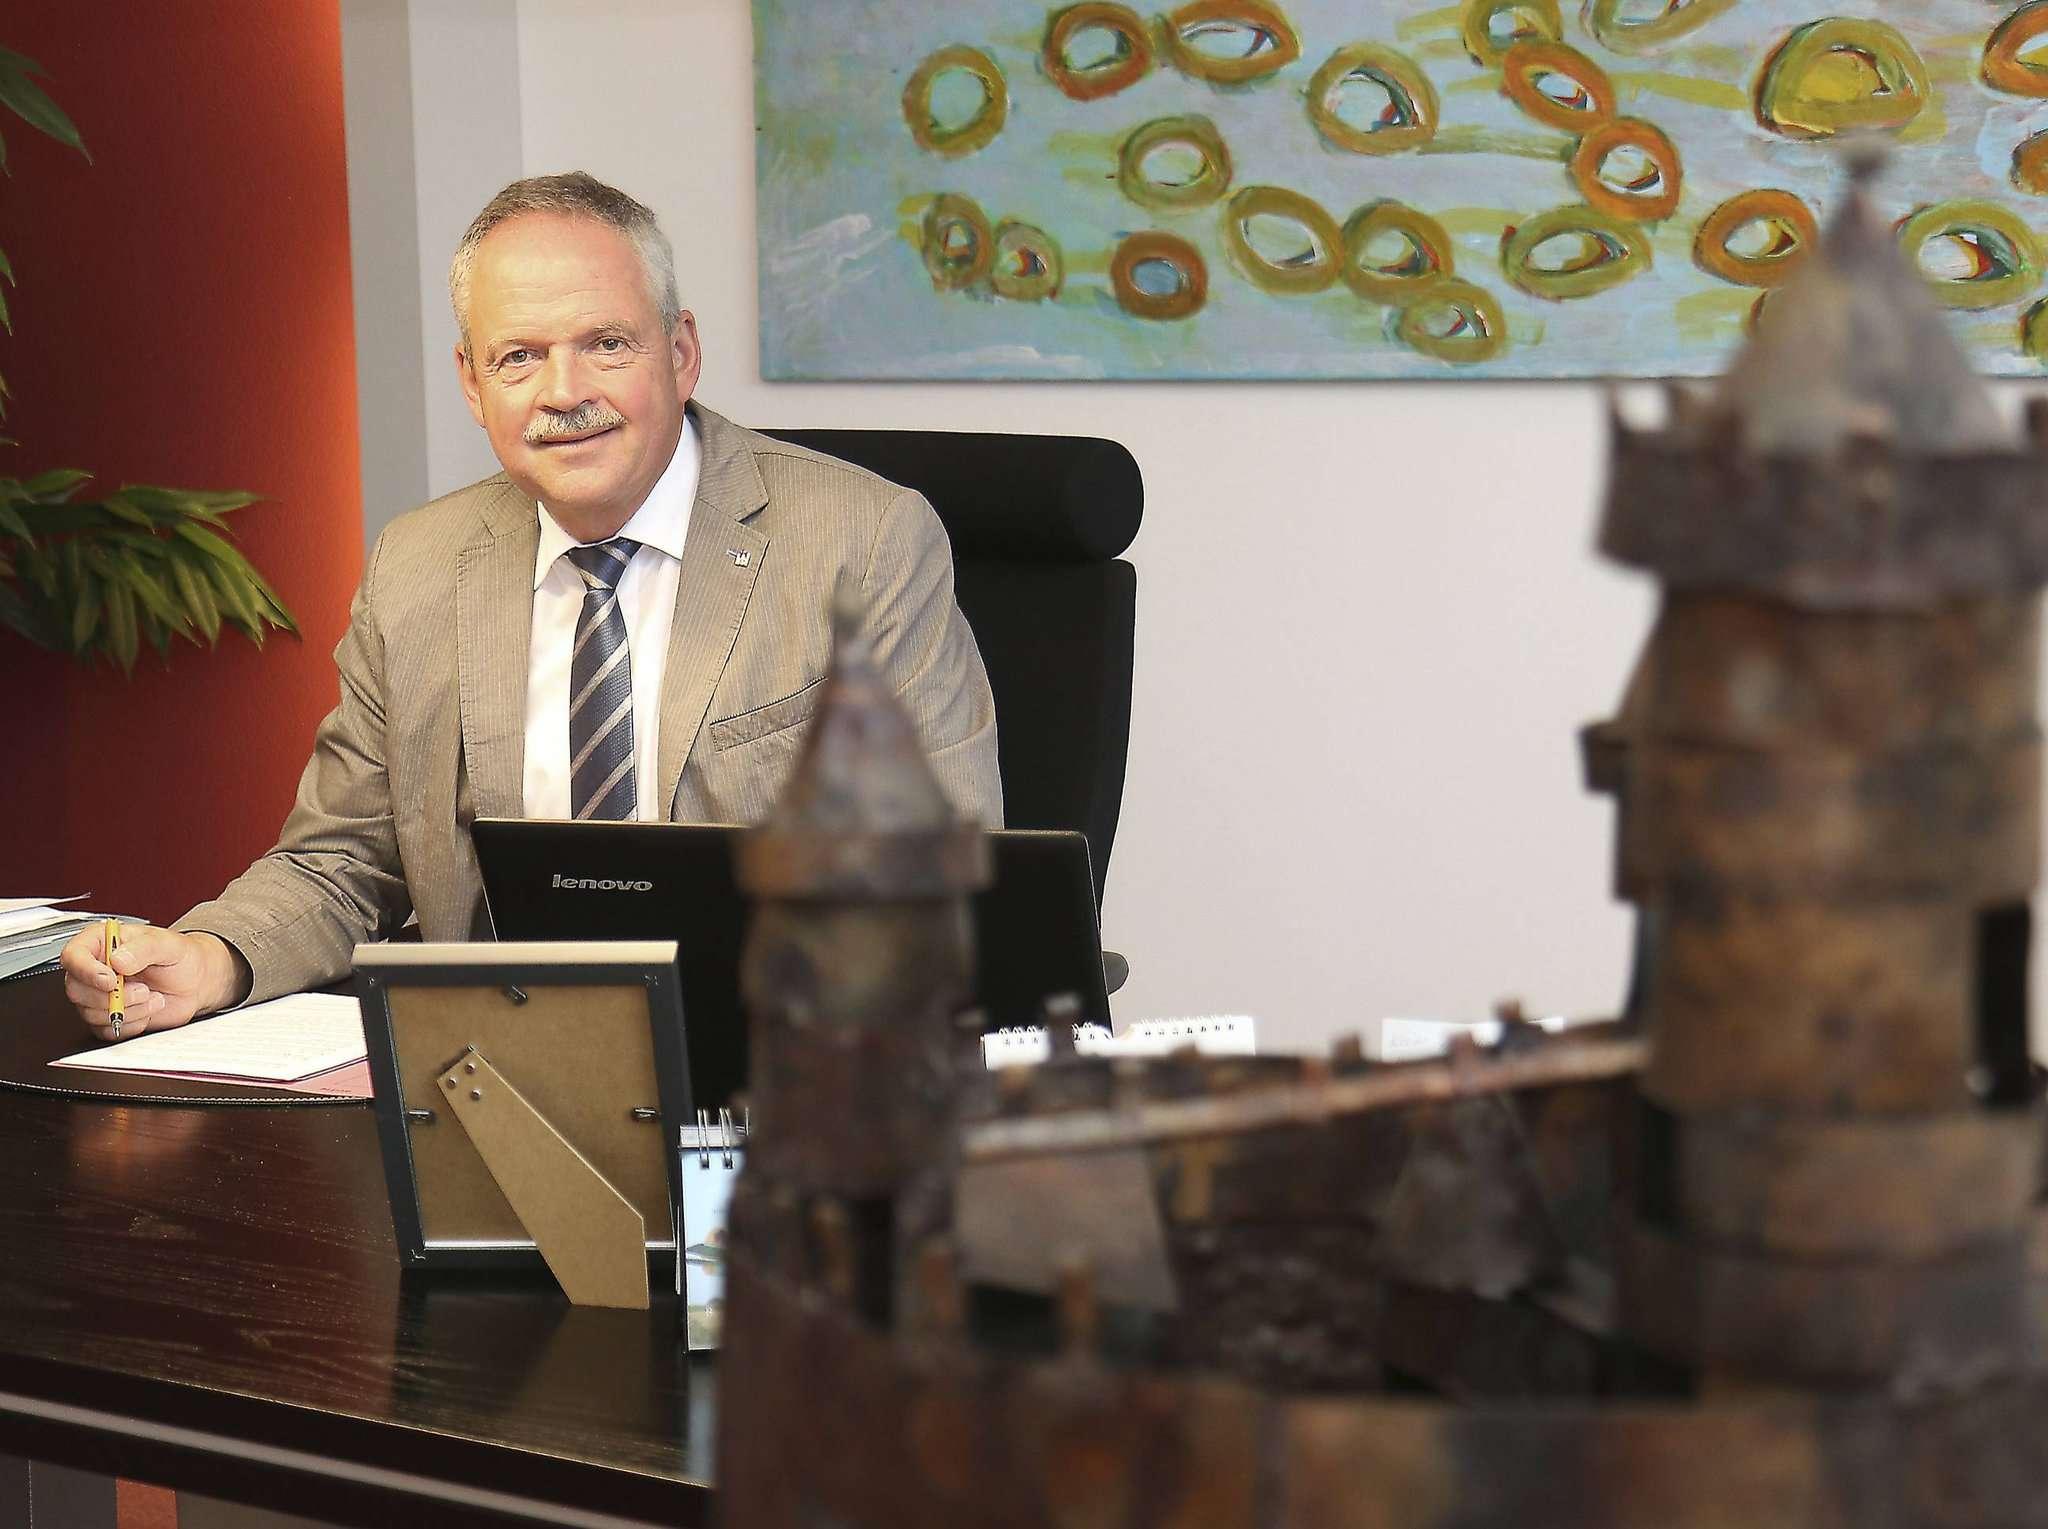 Bürgermeister Andreas Weber wünscht sich faire Diskussionen.